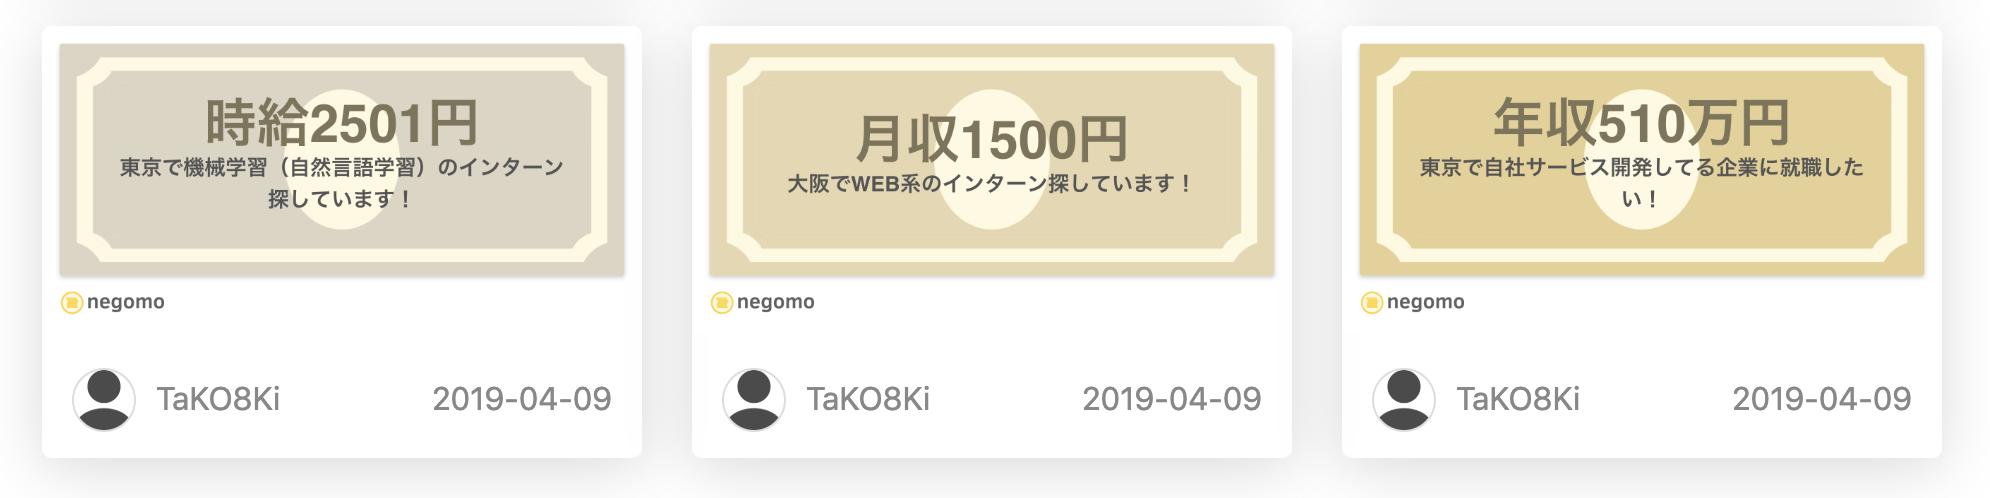 スクリーンショット 2019-04-09 15.46.36.png